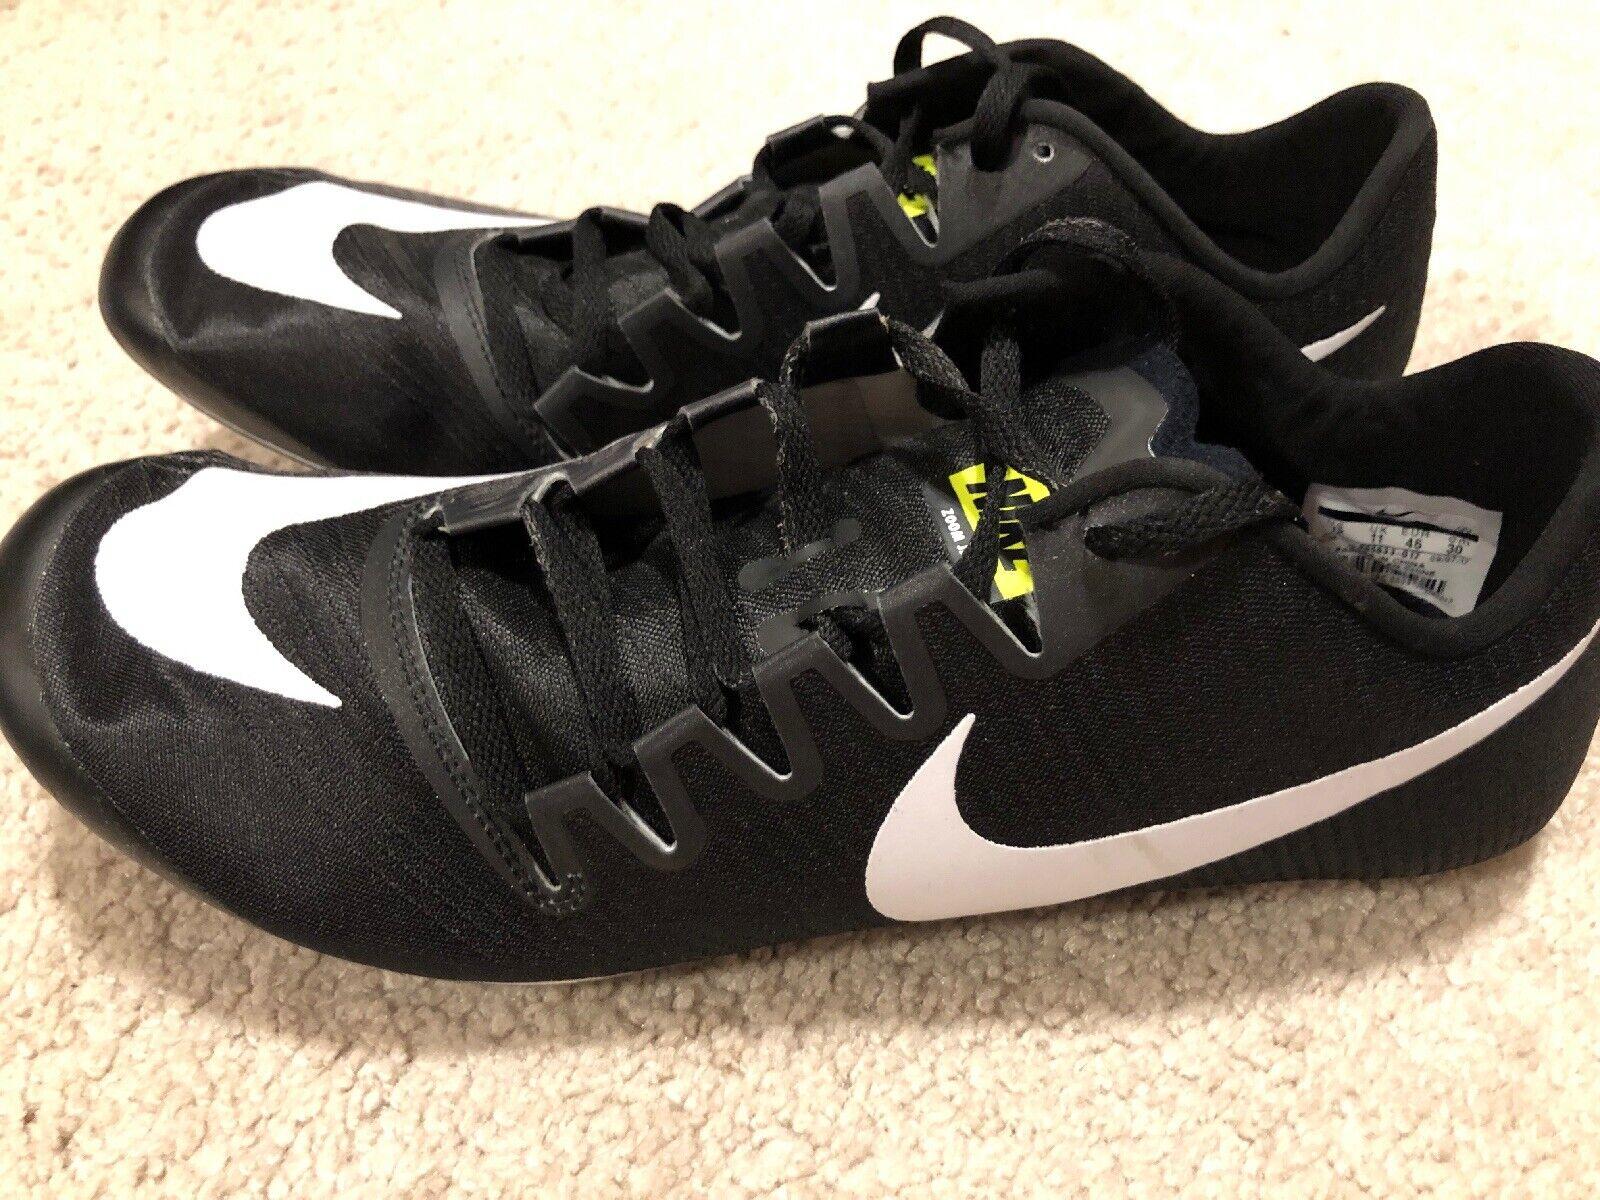 NWOB Nike Zoom Ja Fly 3 Track Pinchos Hombre NOS 12.5 blancoo y Negro